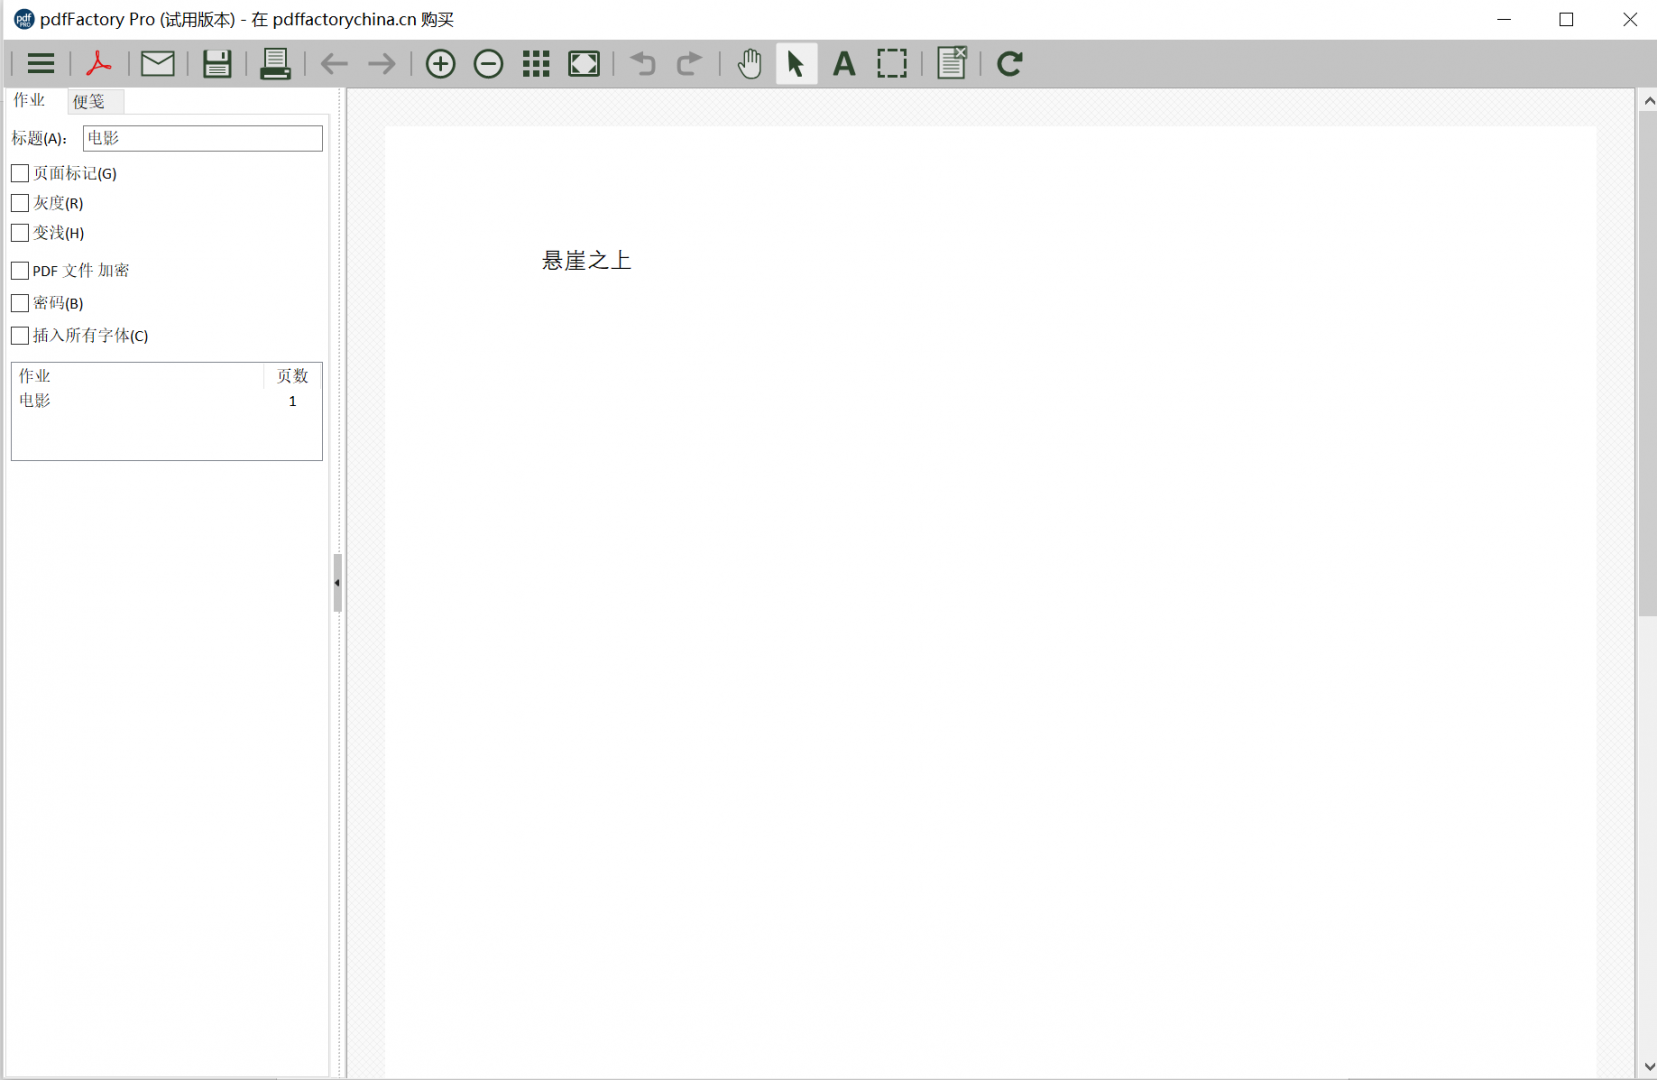 图1:使用pdfFactory Pro打开你想要添加磁力链接的文档